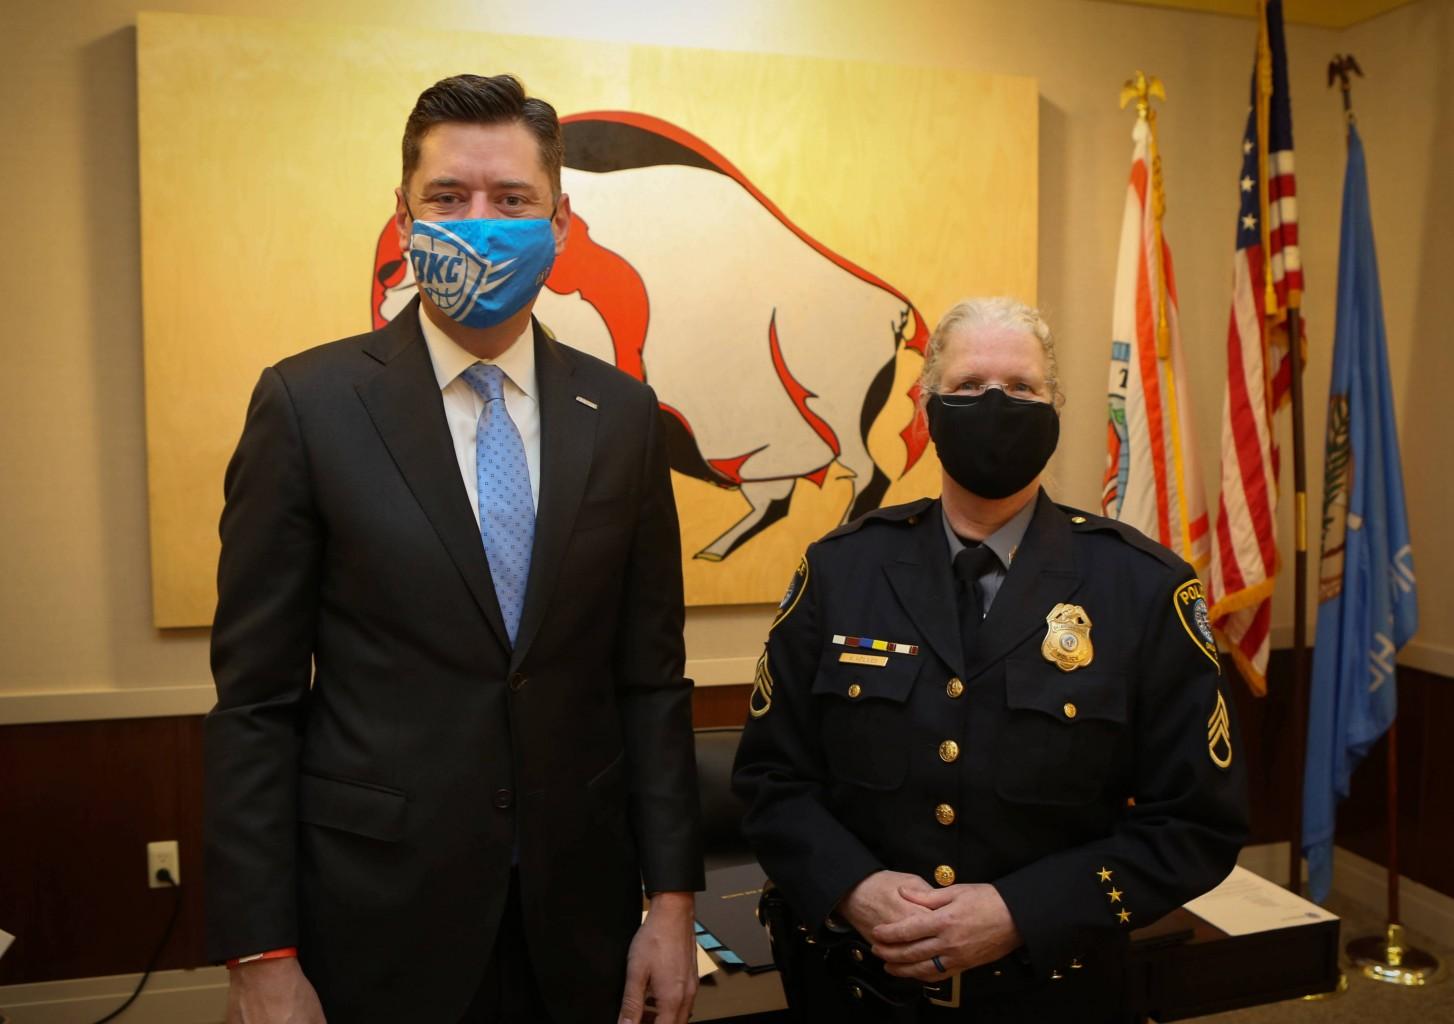 Empleado, Bomberos y oficial de Policía del Año honrados en la reunión del Concejo Municipal de Oklahoma